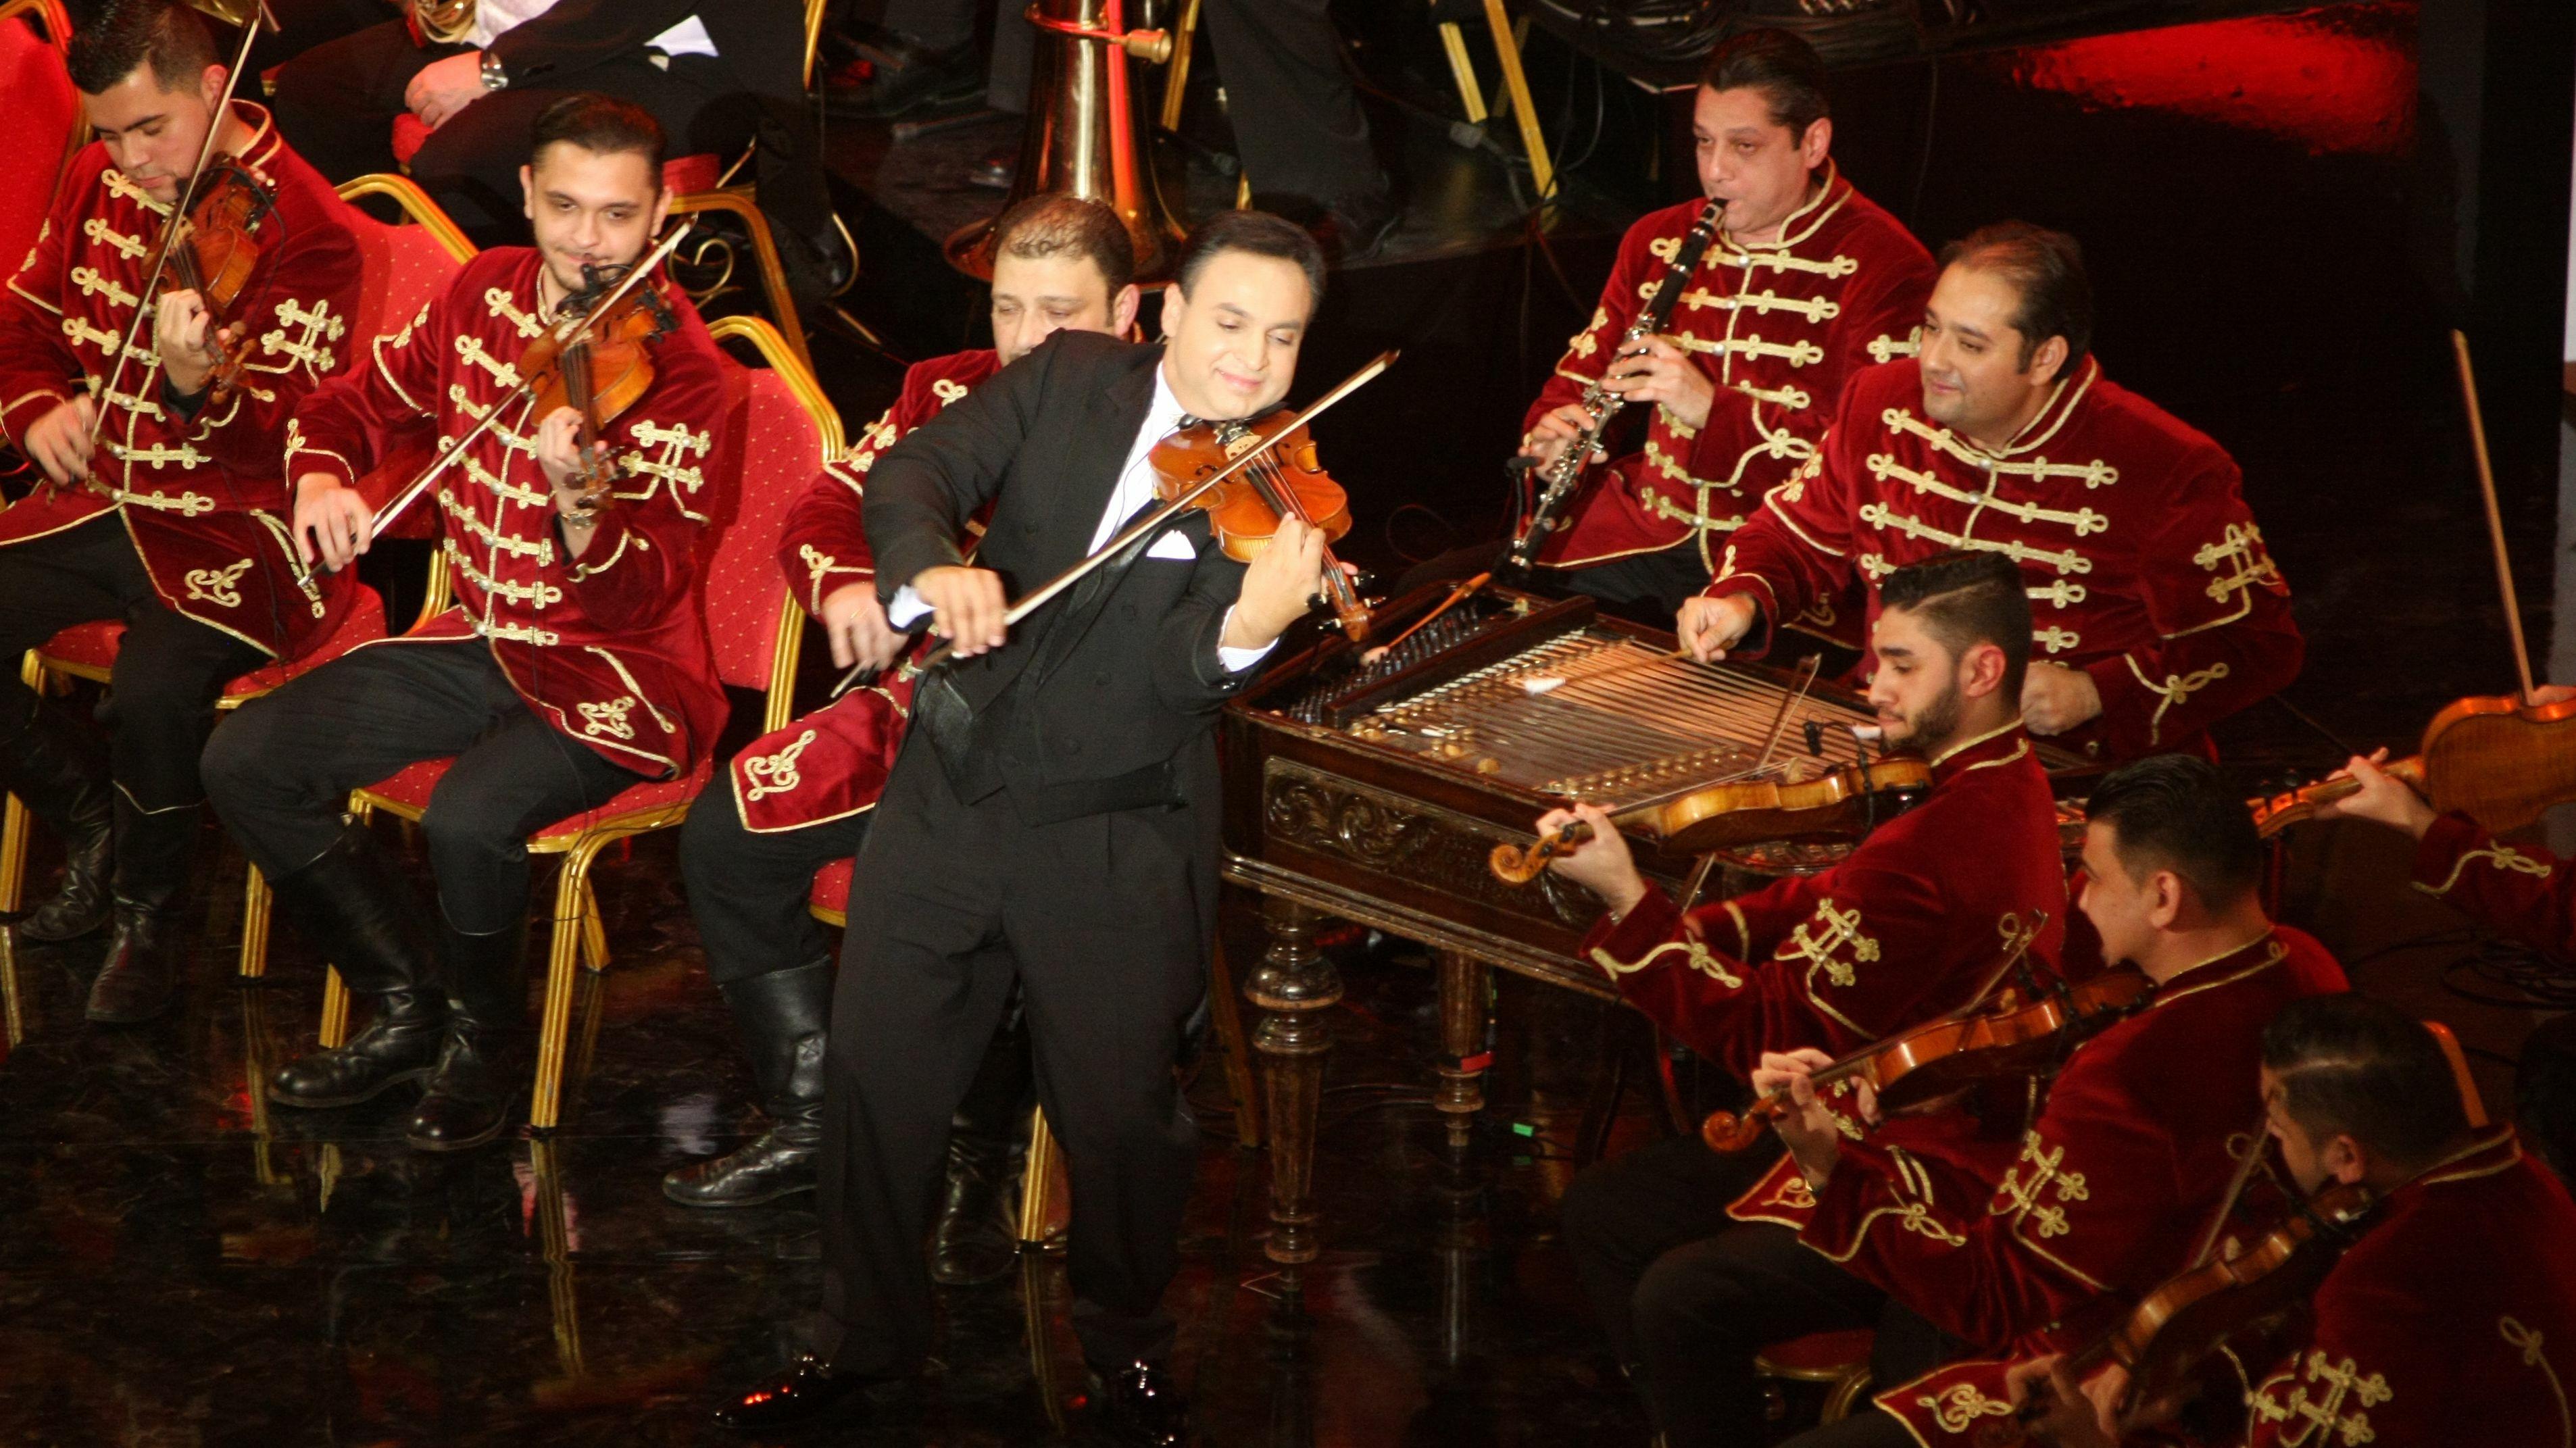 Attila Glatz Presents Hungarian Violin Virtuoso Zoltan Maga